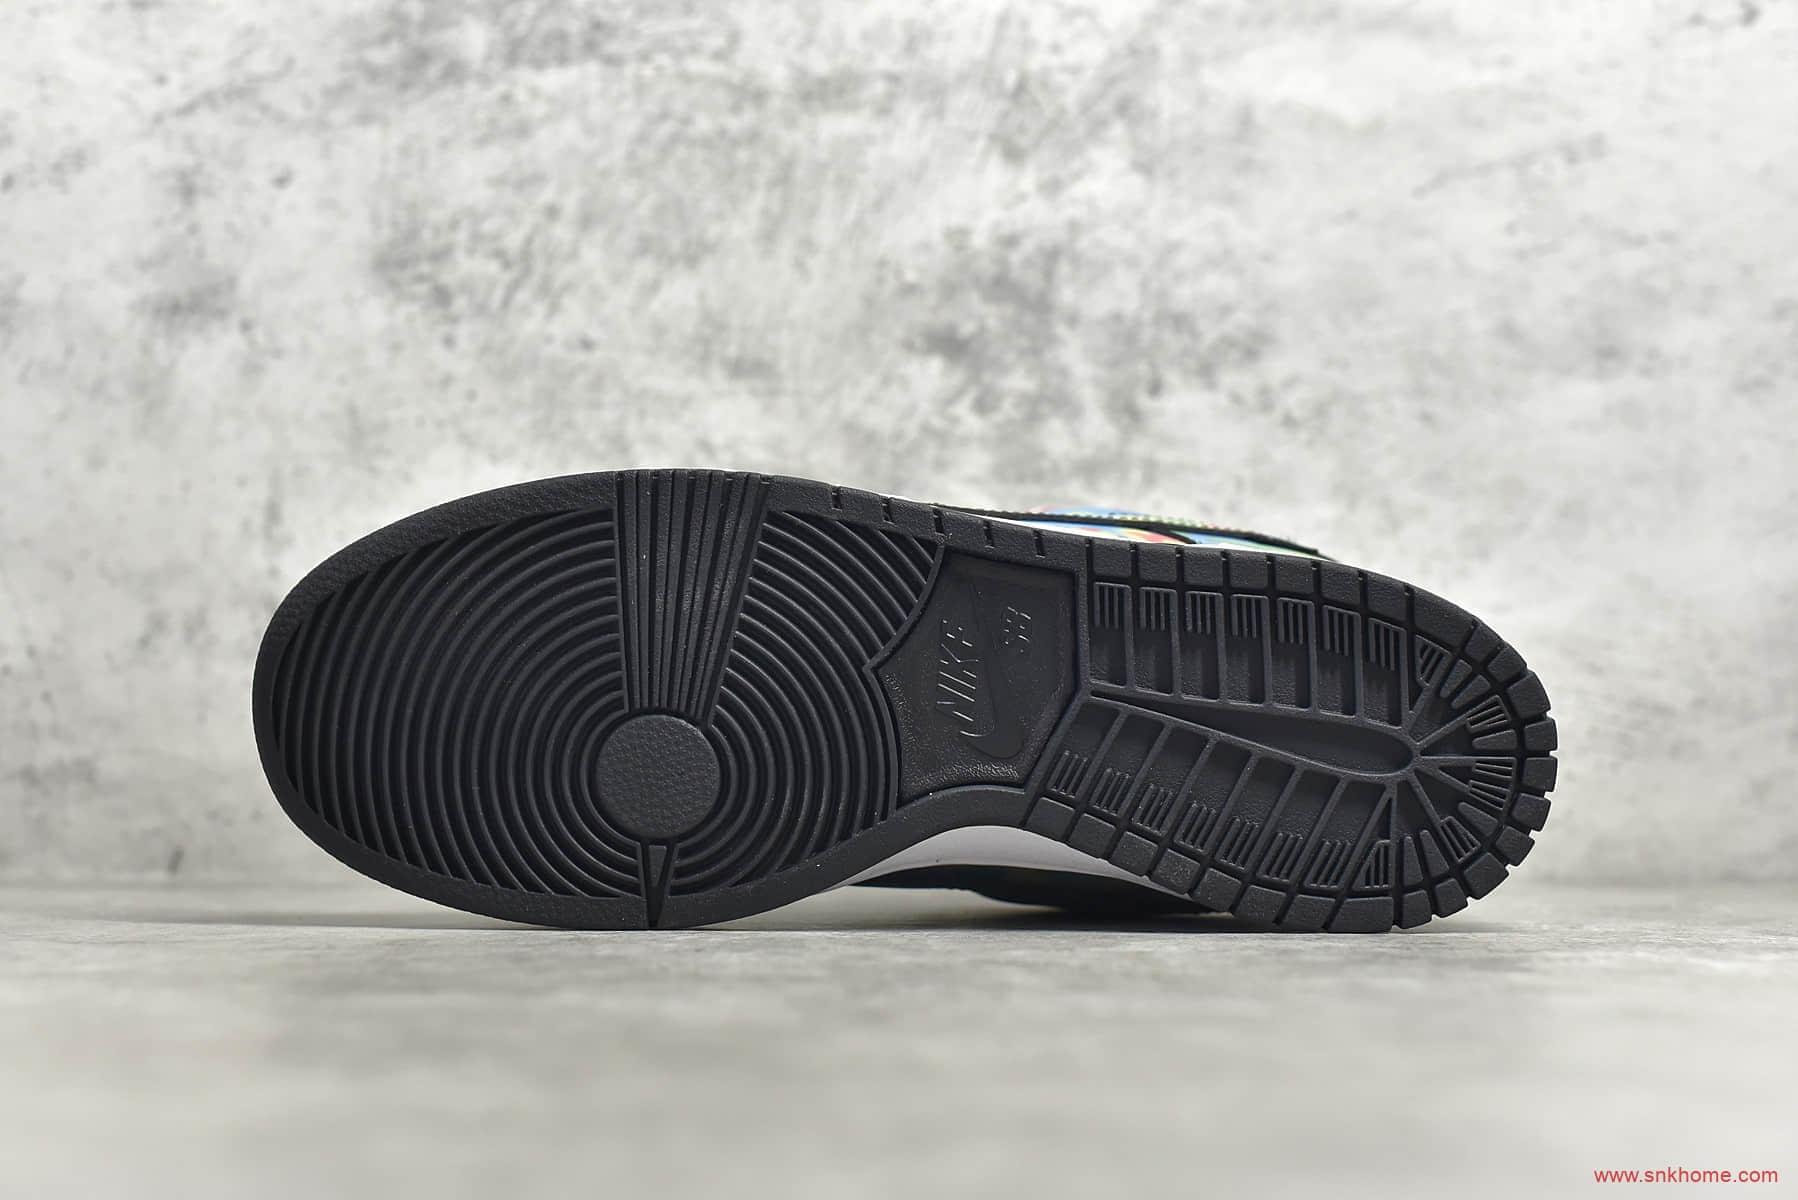 耐克Dunk黑色低帮热成像 耐克遇热变色低帮板鞋 Civilist x NK SB Dunk Low 耐克Dunk热成像 货号:CZ5123-001-潮流者之家